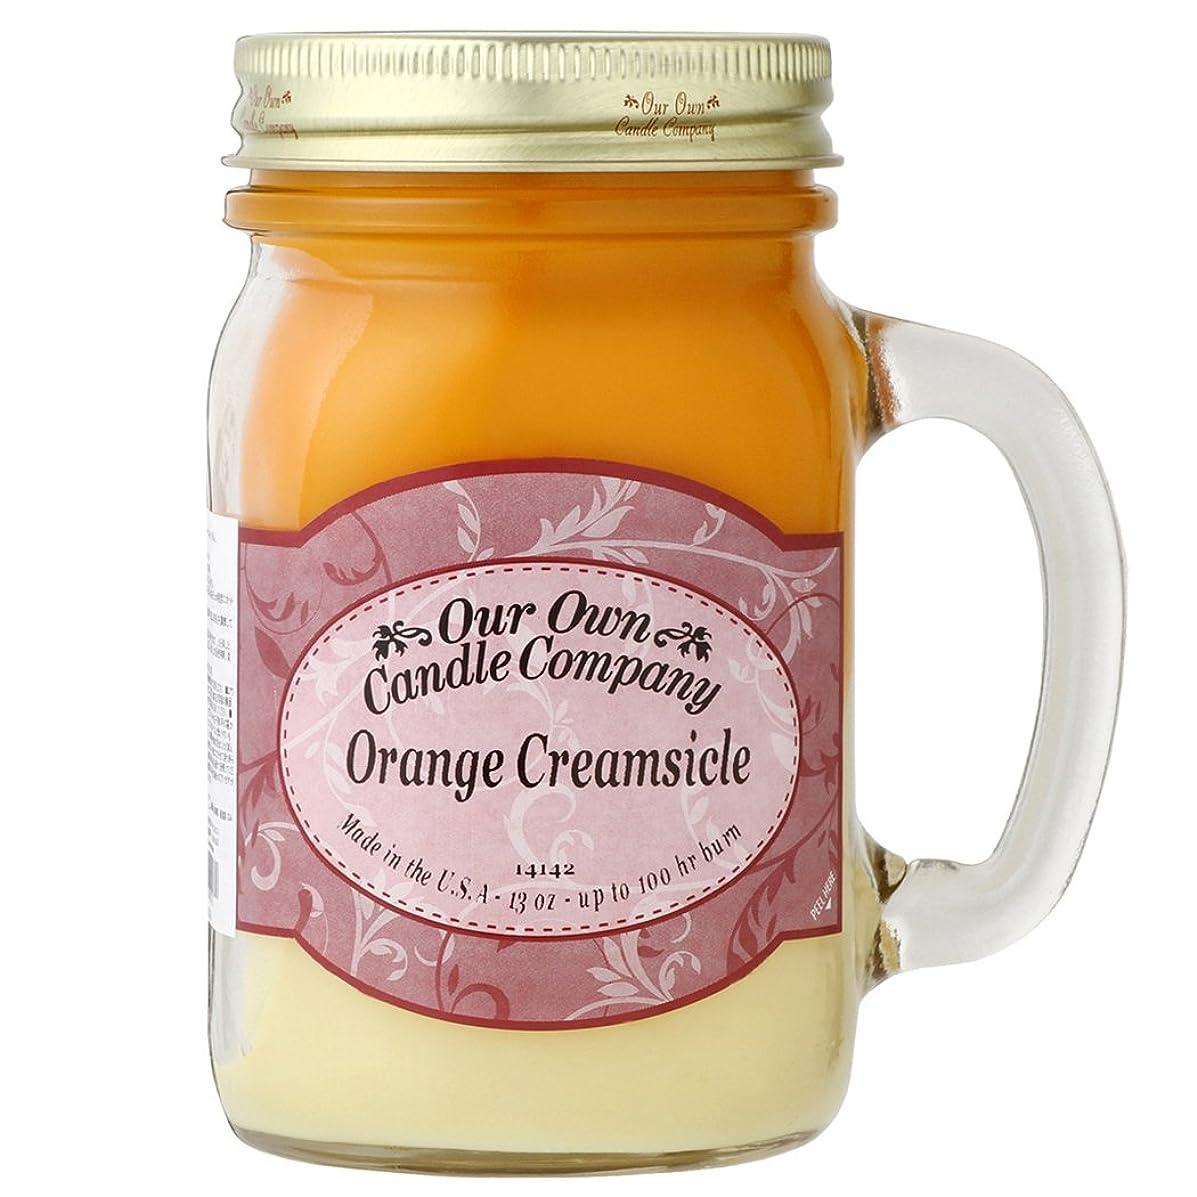 到着手のひら浅いOur Own Candle Company メイソンジャーキャンドル ラージサイズ オレンジクリームシルク OU100085